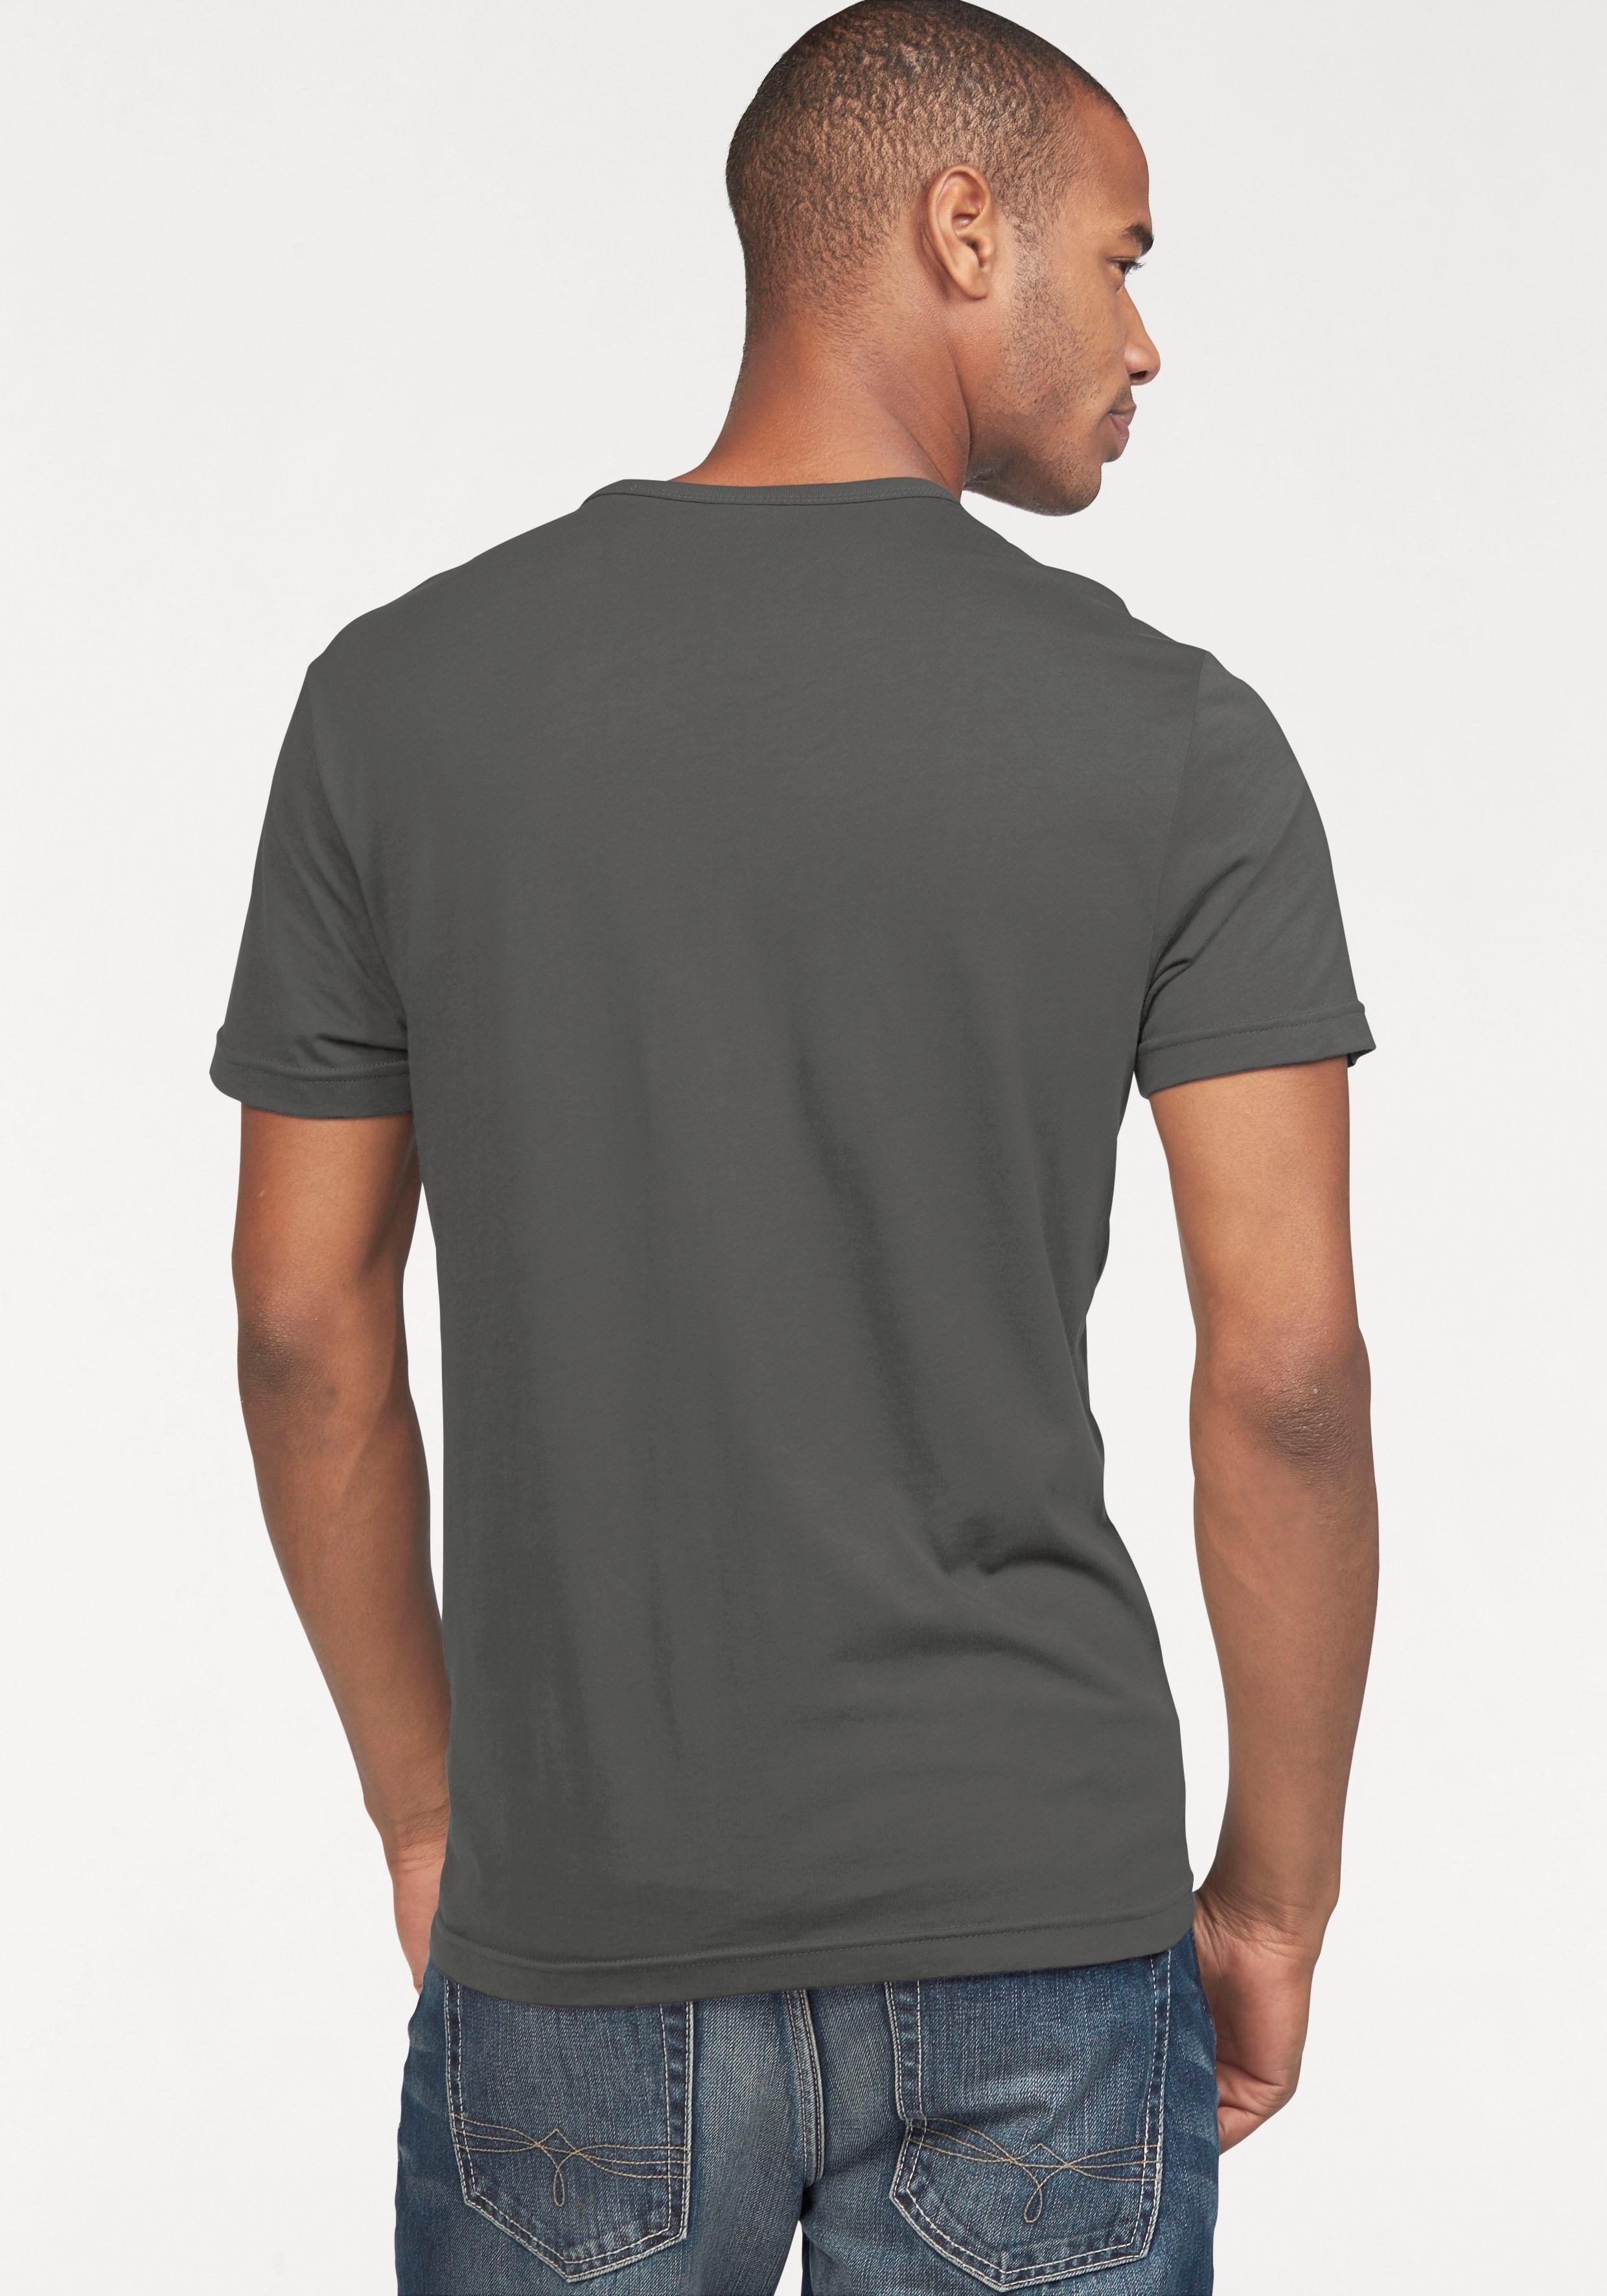 s.Oliver T-shirt met print - gratis ruilen op otto.nl